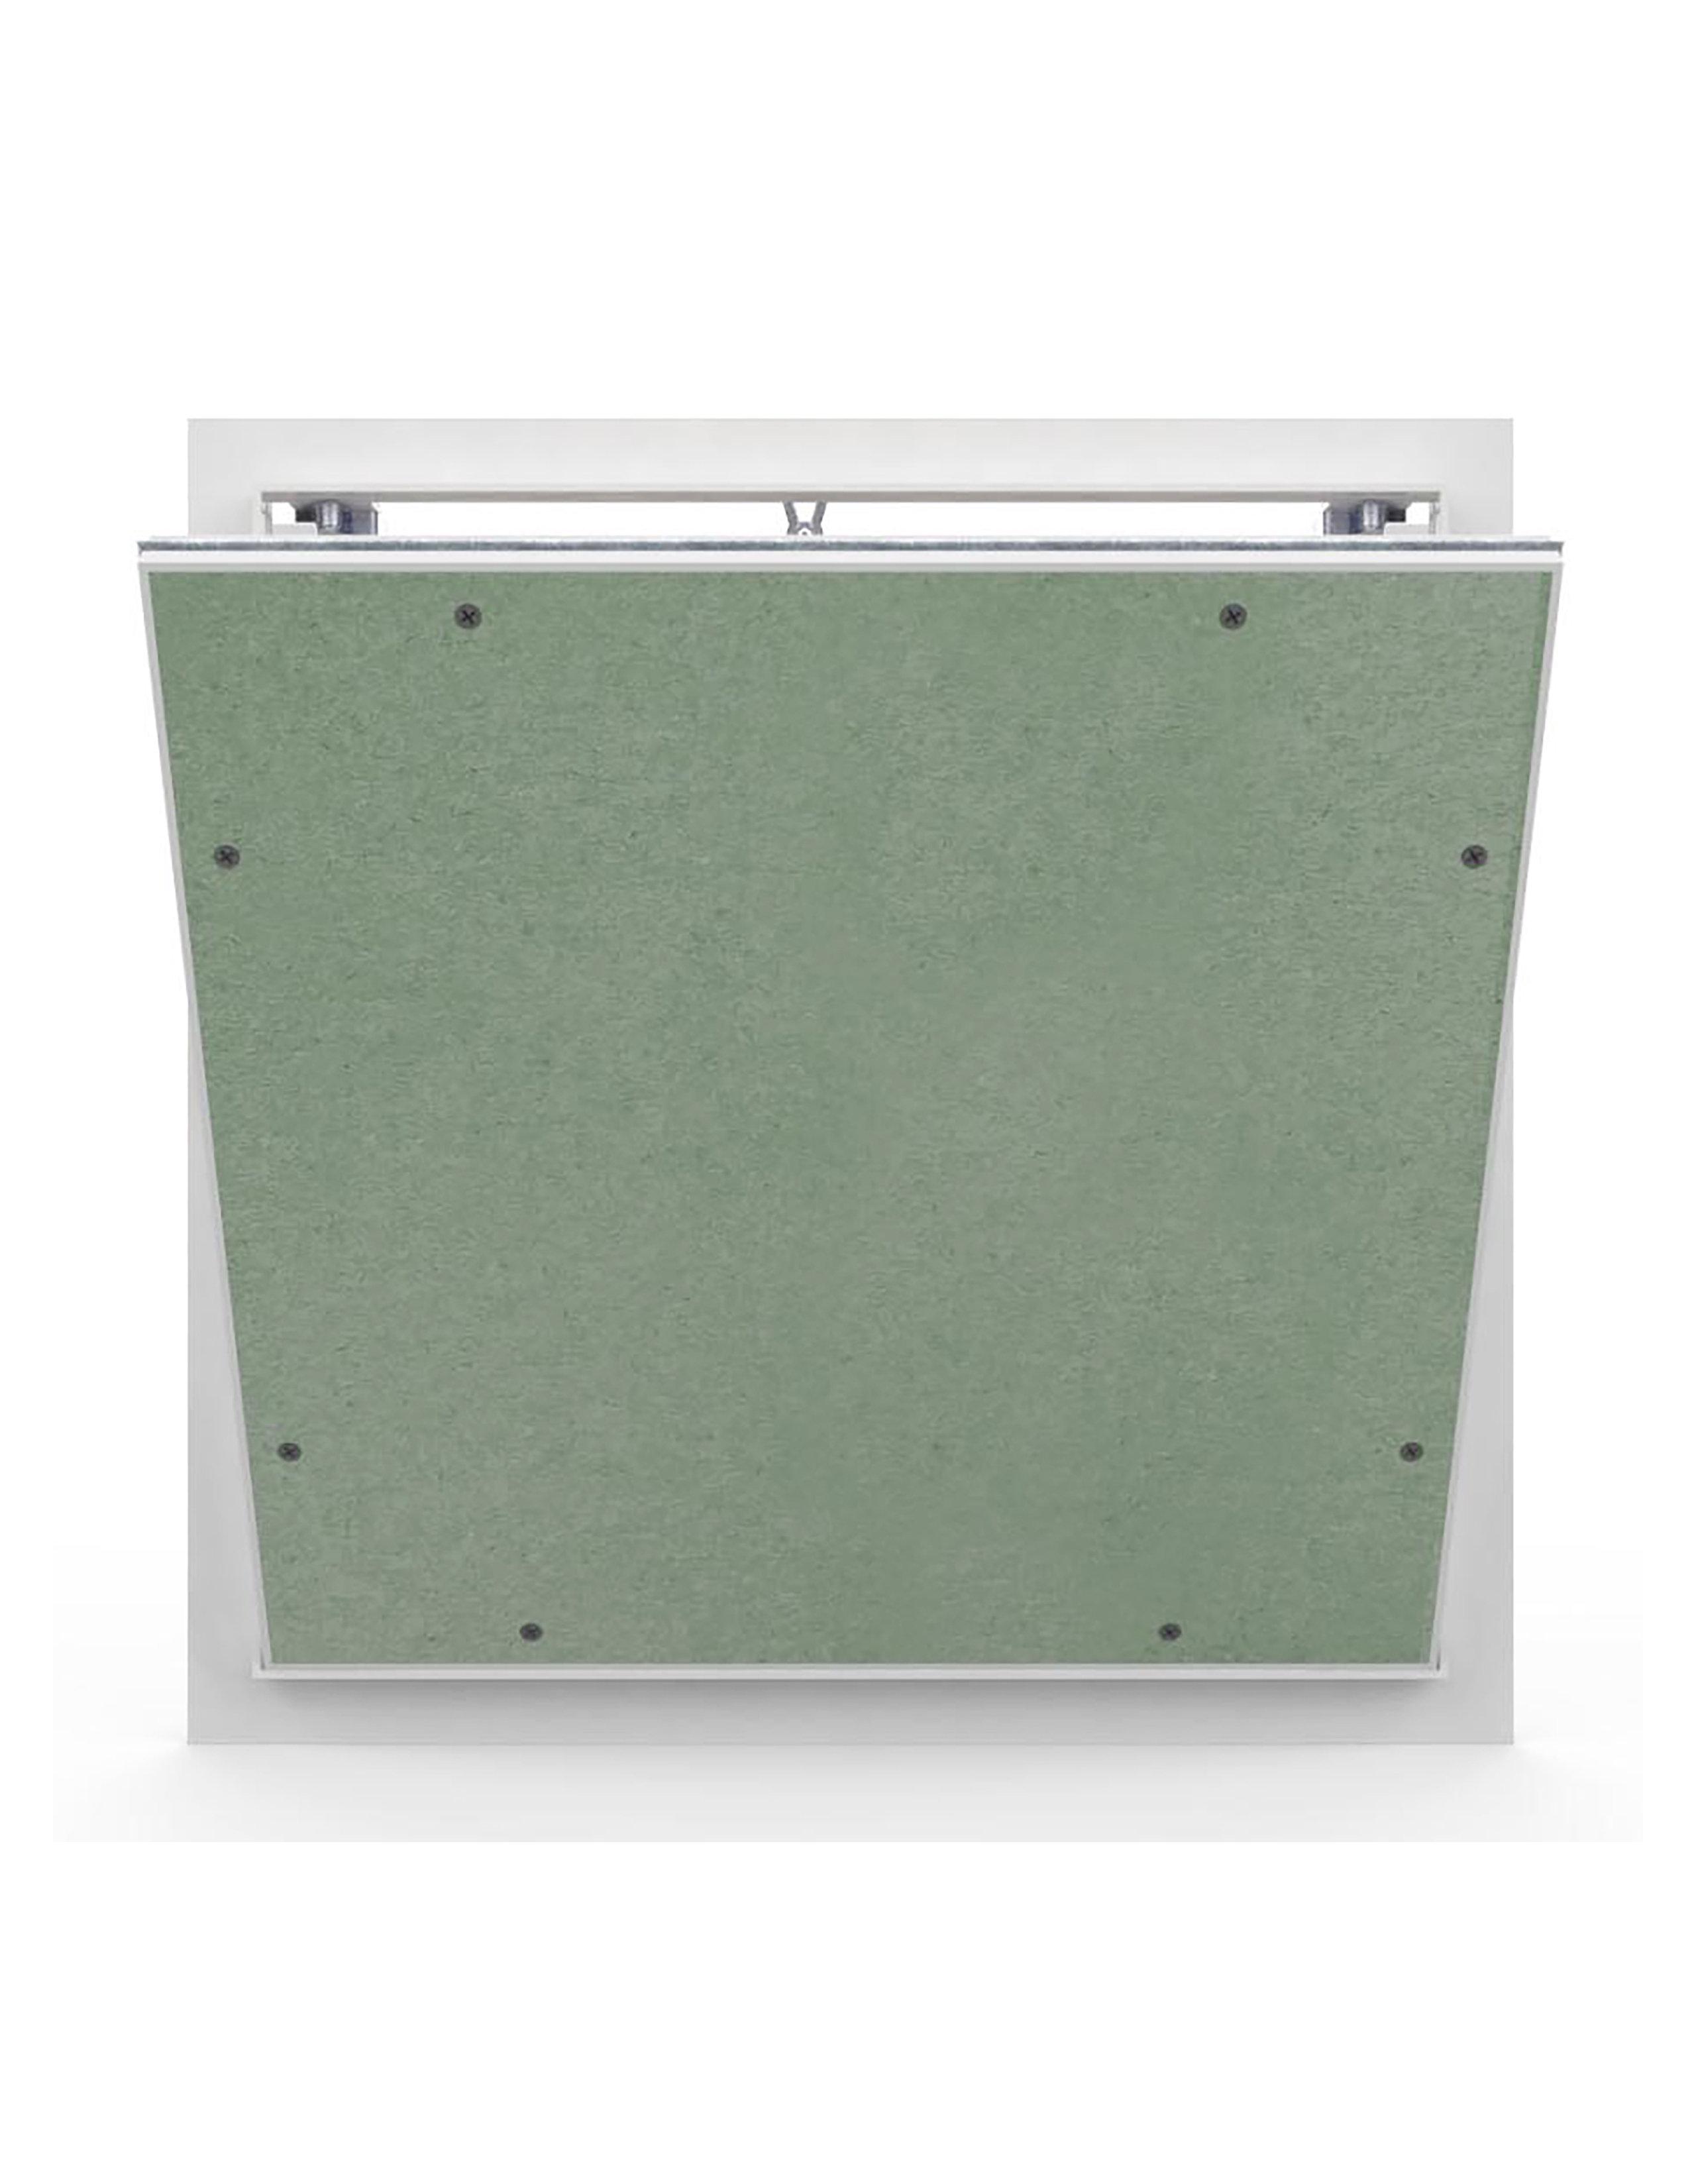 Milcor Access Doors : Gypsum access doors buy gypsumbuy